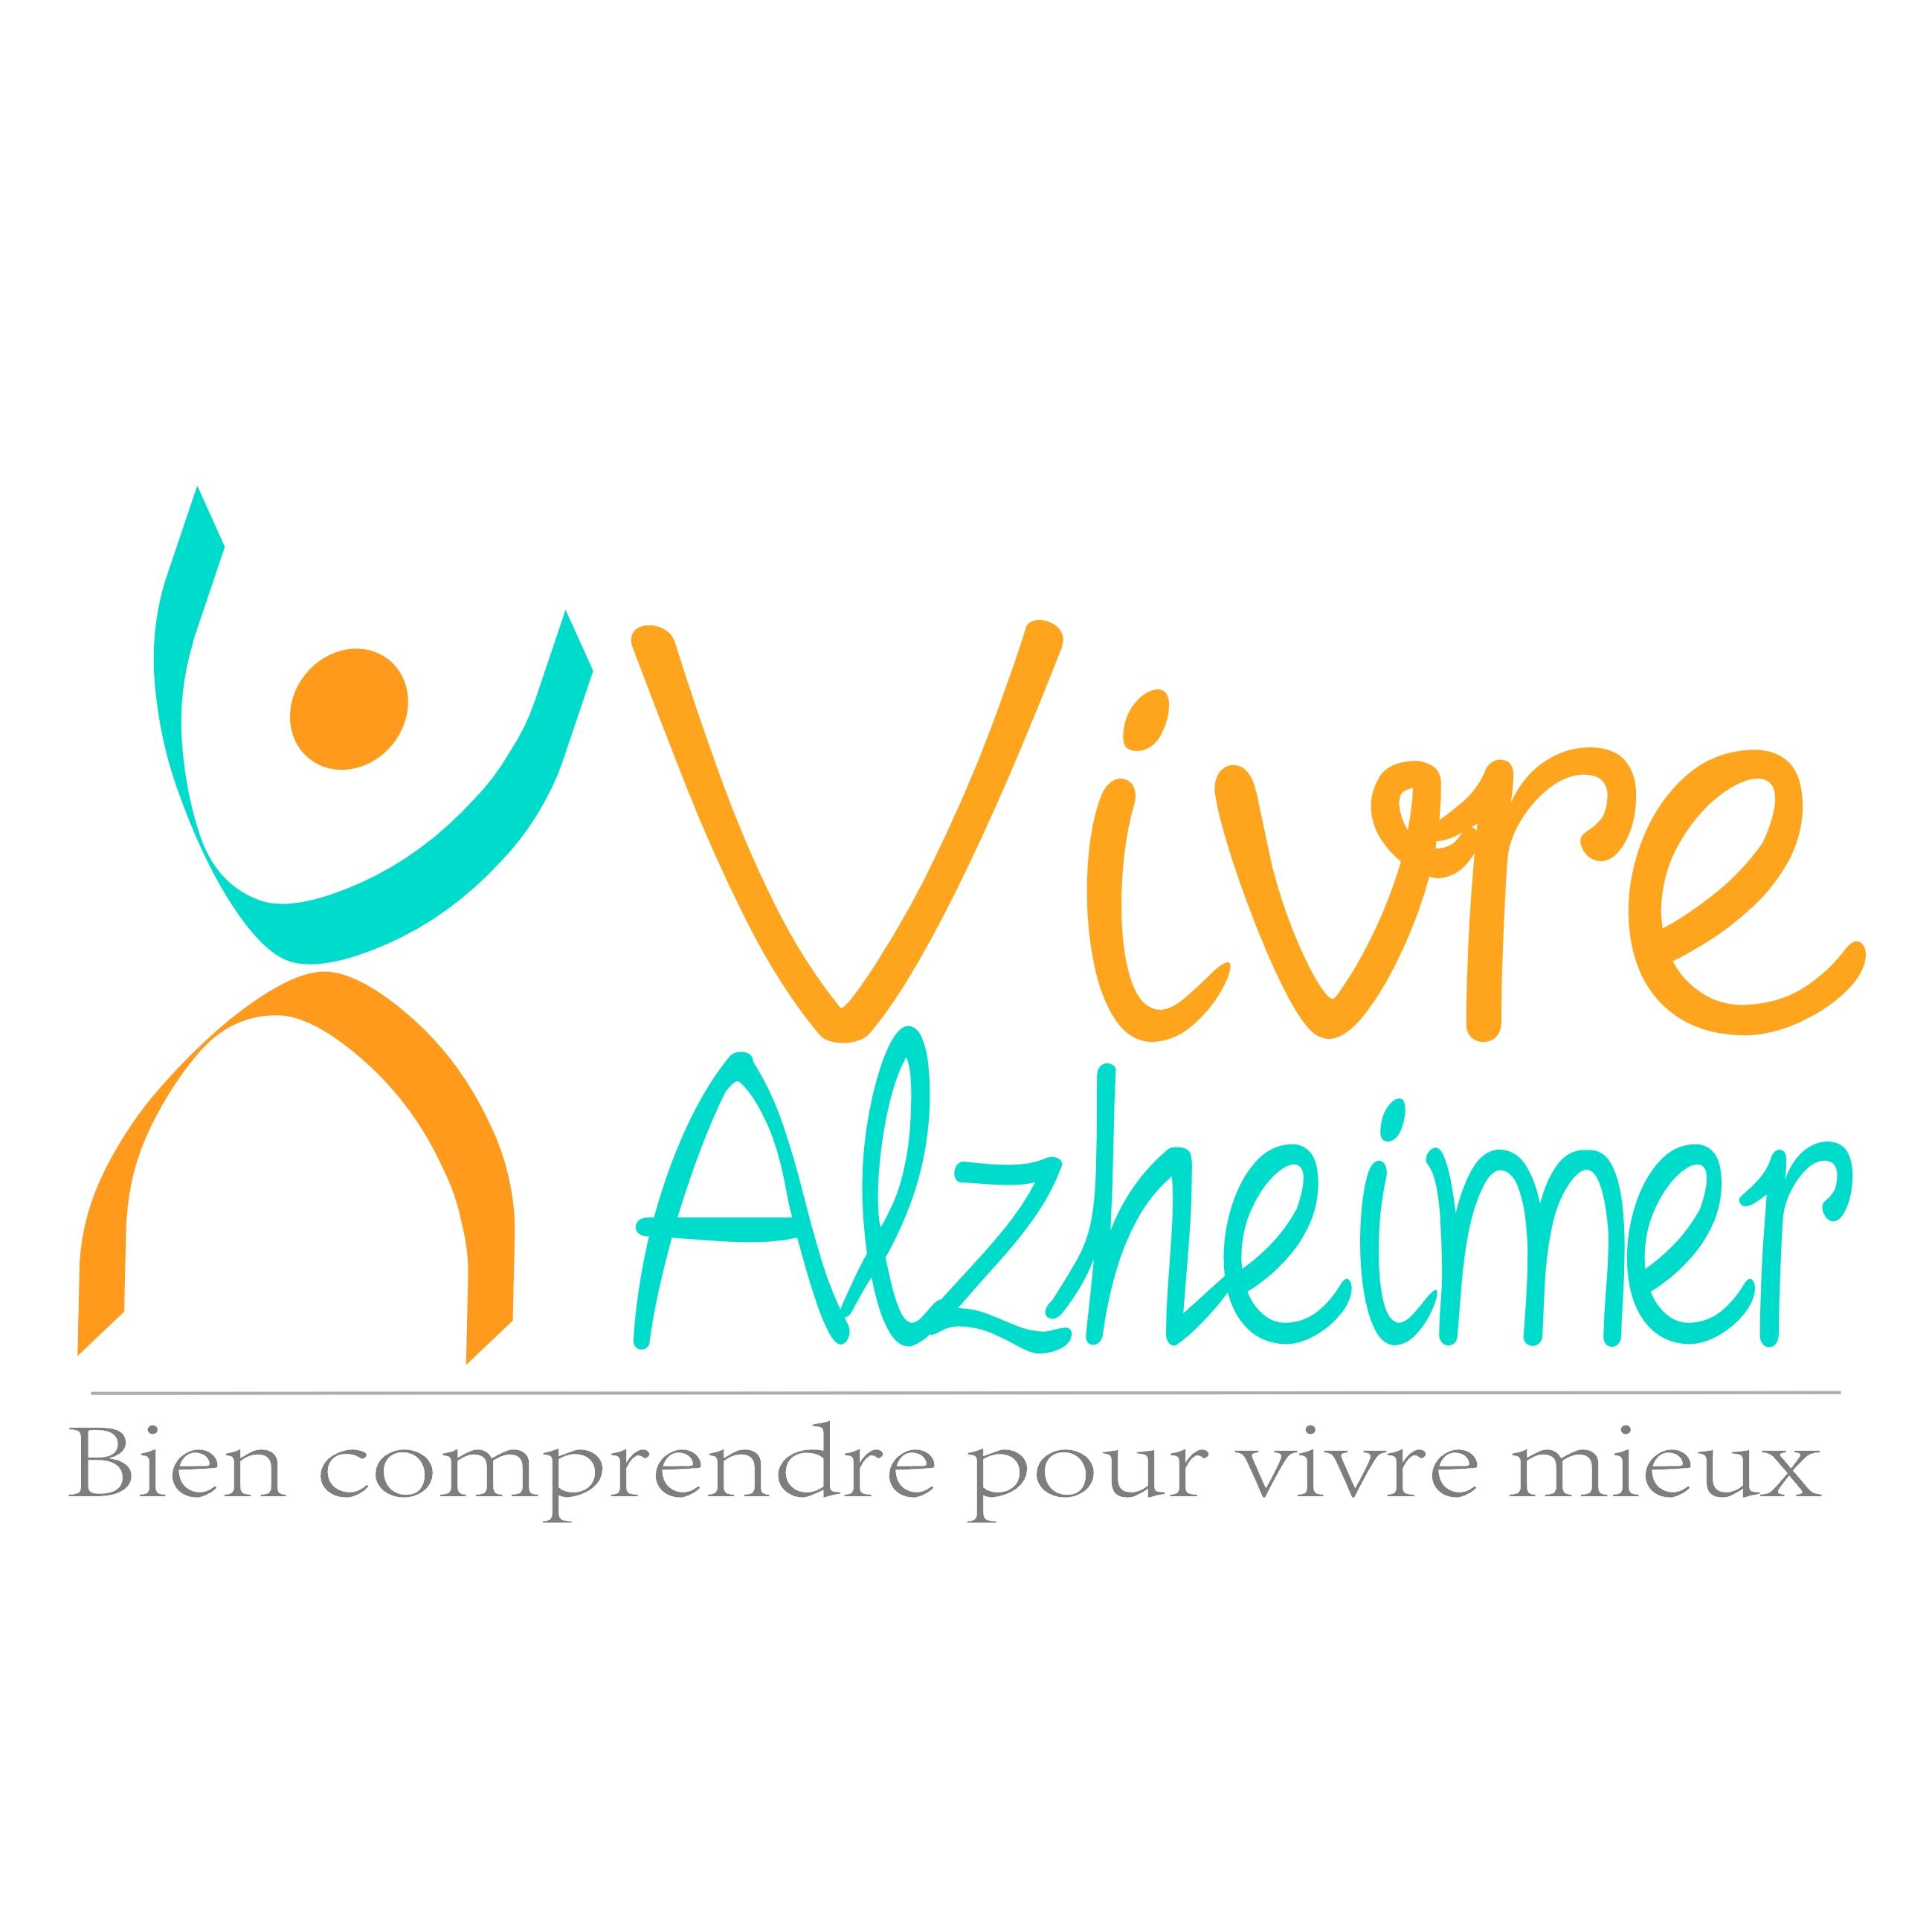 Vivre Alzheimer